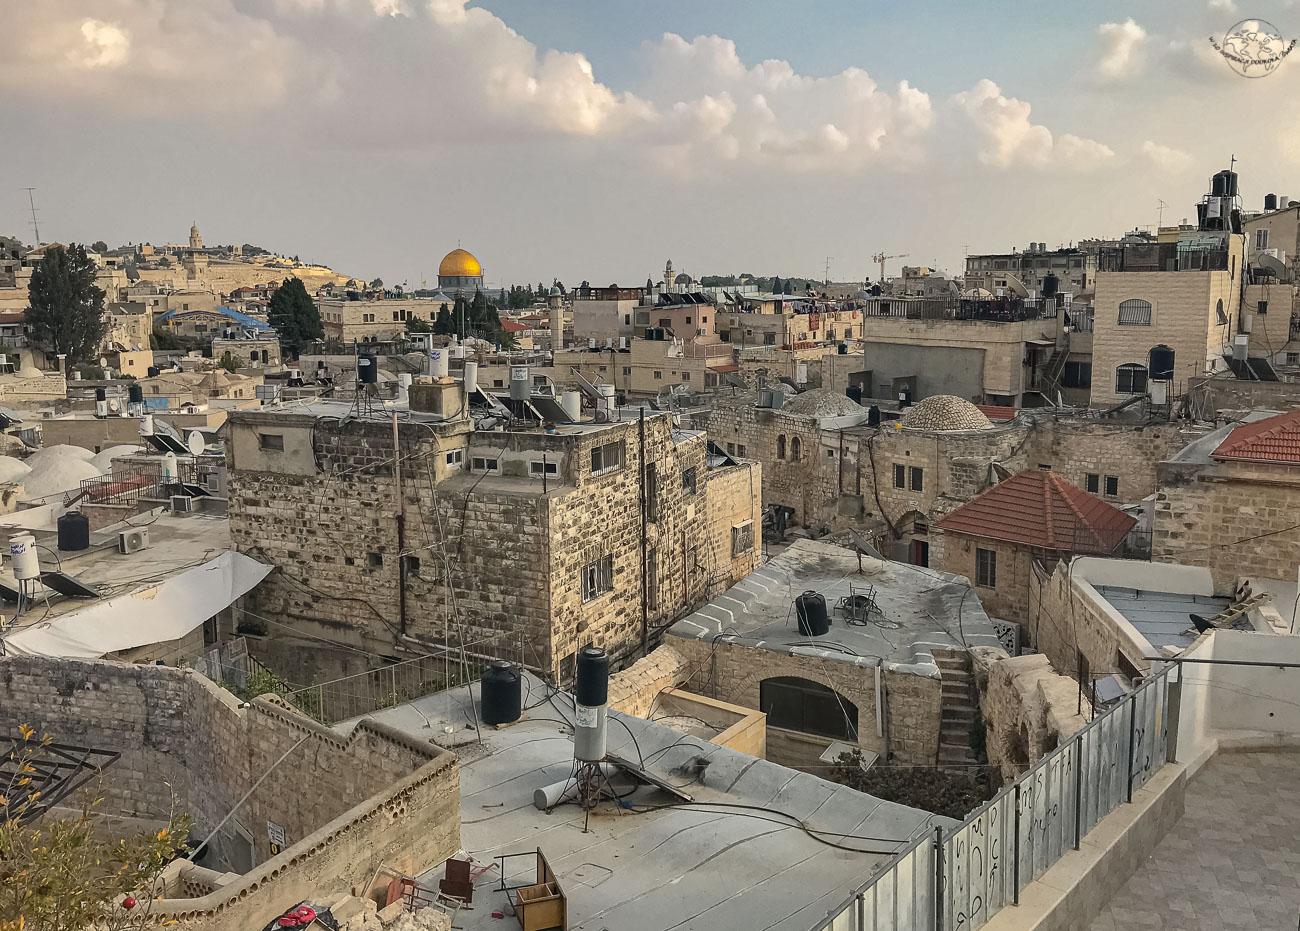 Jerozolima zabytki zwiedzanie